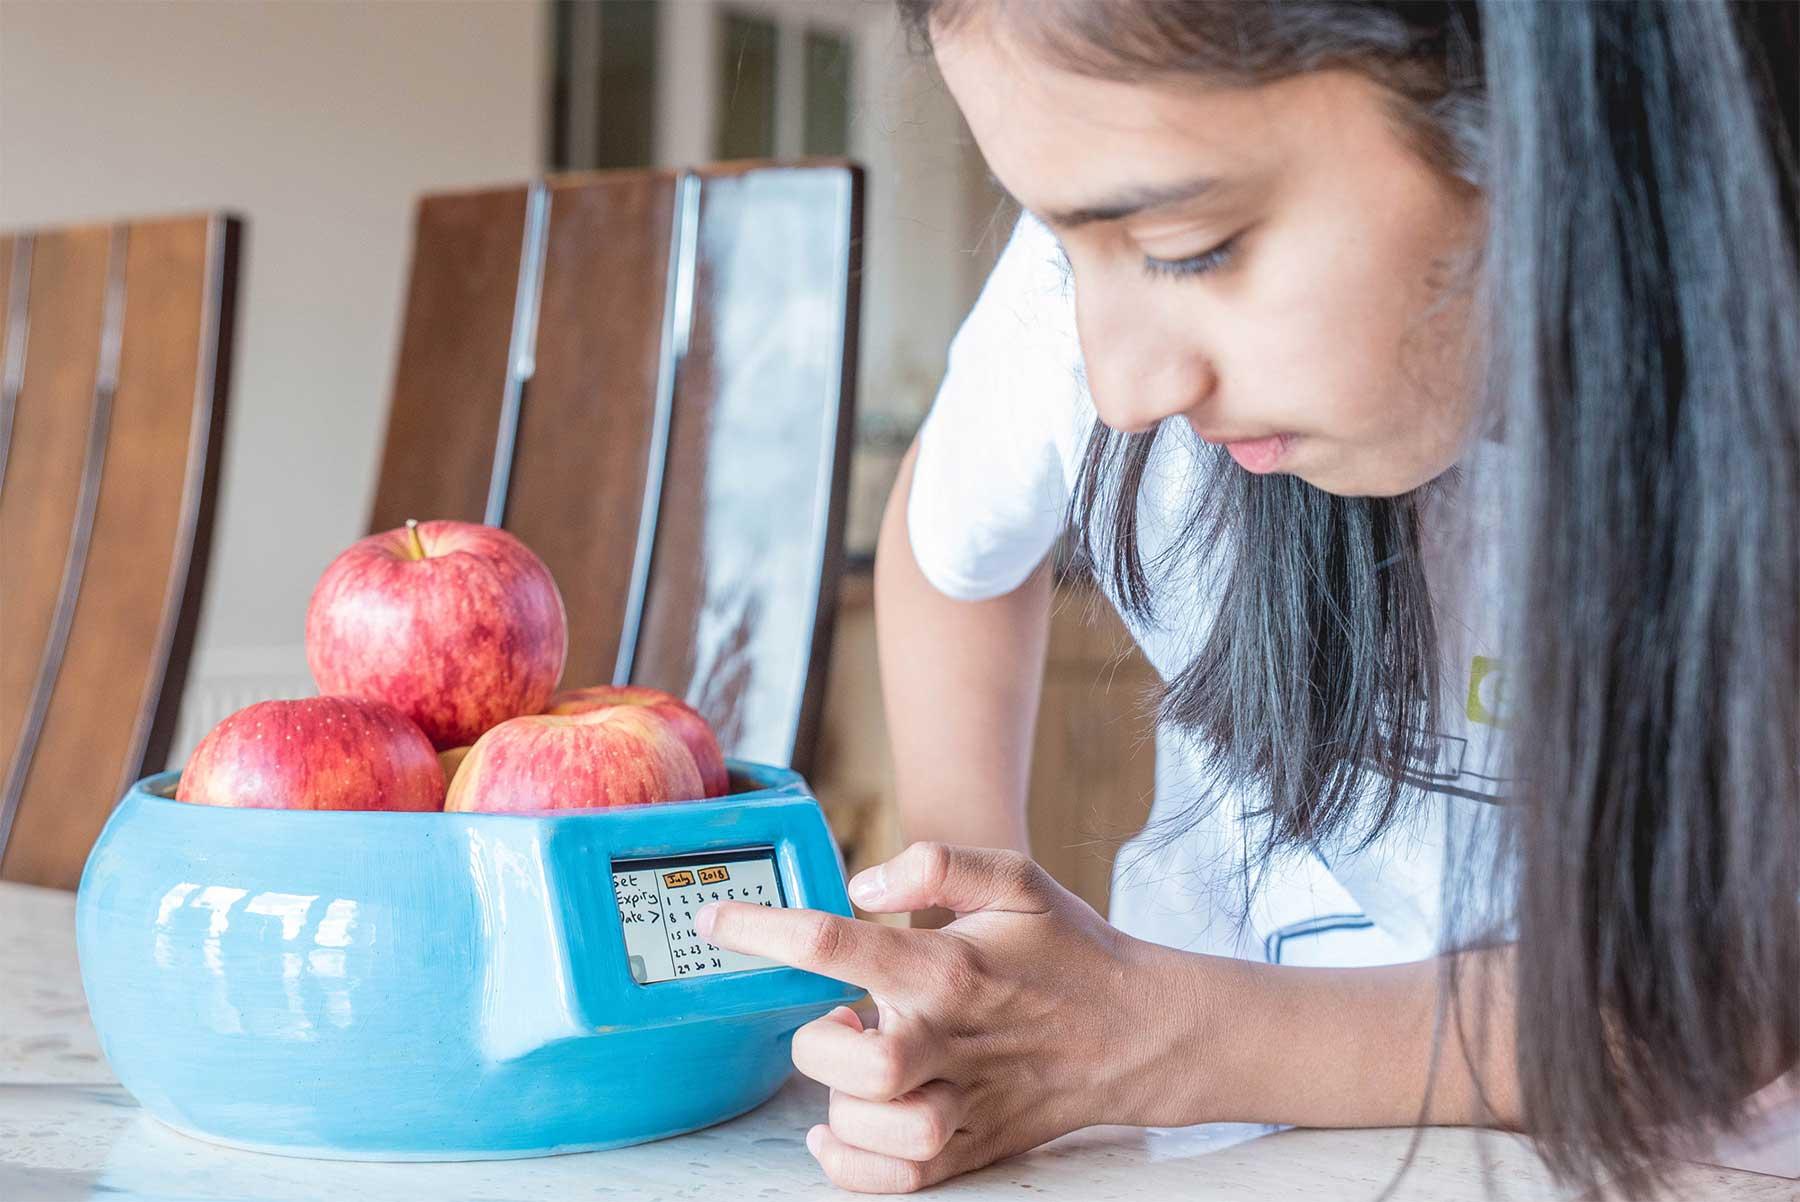 Fantasievolle Kinder-Ideen mithilfe von Experten umgesetzt little-thinkers-erfindungen_04